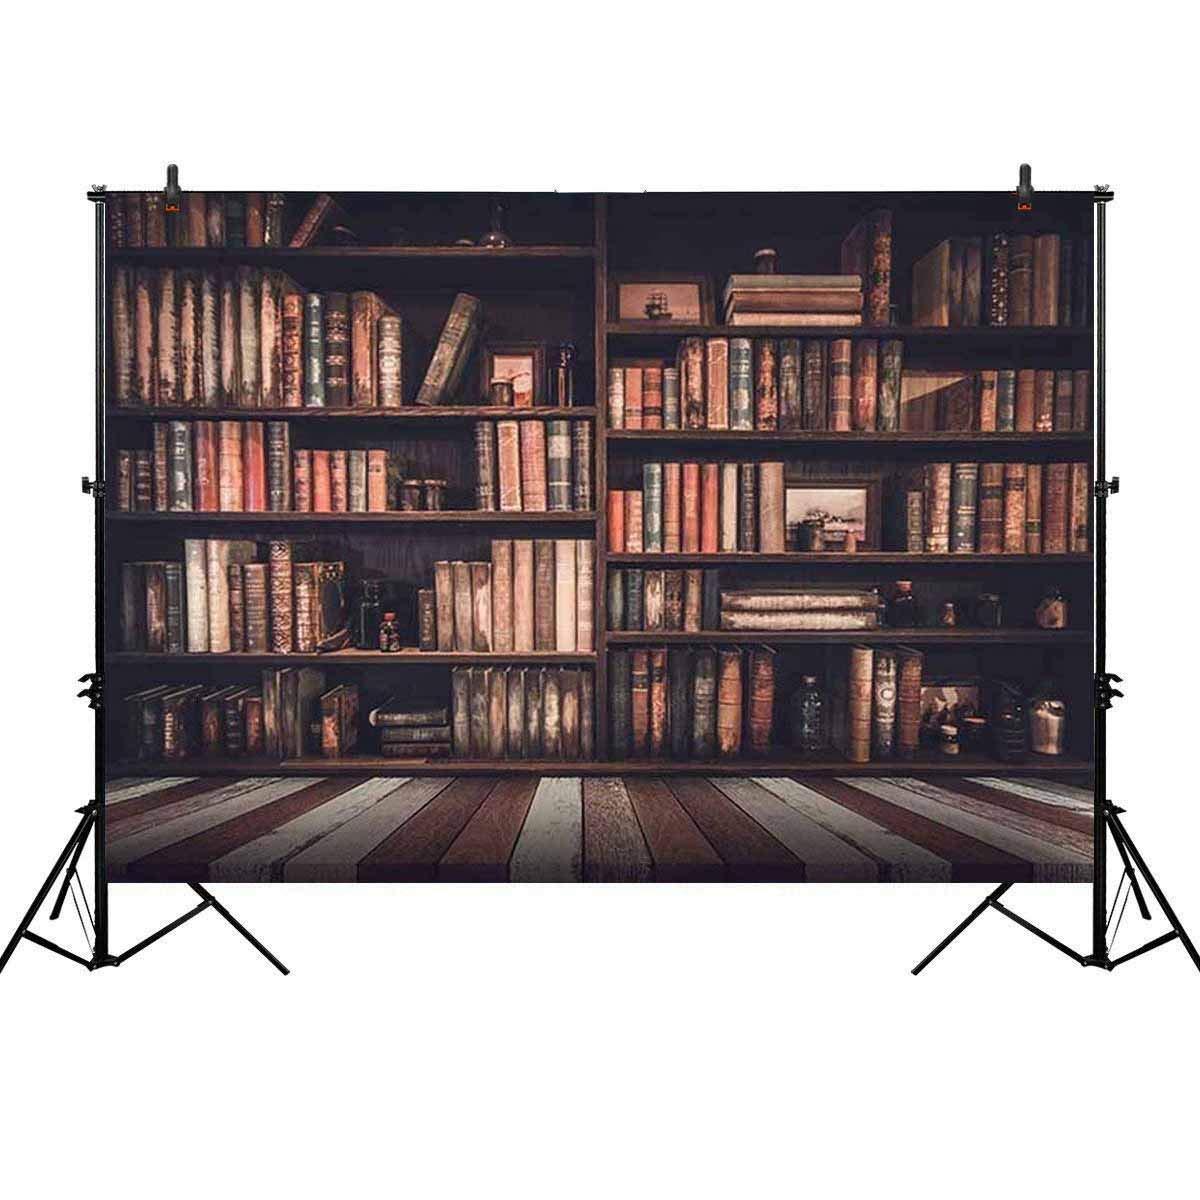 最新作の allenjoyポリエステル5 by x 7ft写真の背景幕サンセットVineyard木製背景for Photo Studio 5ft B072DXH452 by Studio 7ft スタイル3 B072DXH452, 上志比村:e2c71953 --- arianechie.dominiotemporario.com